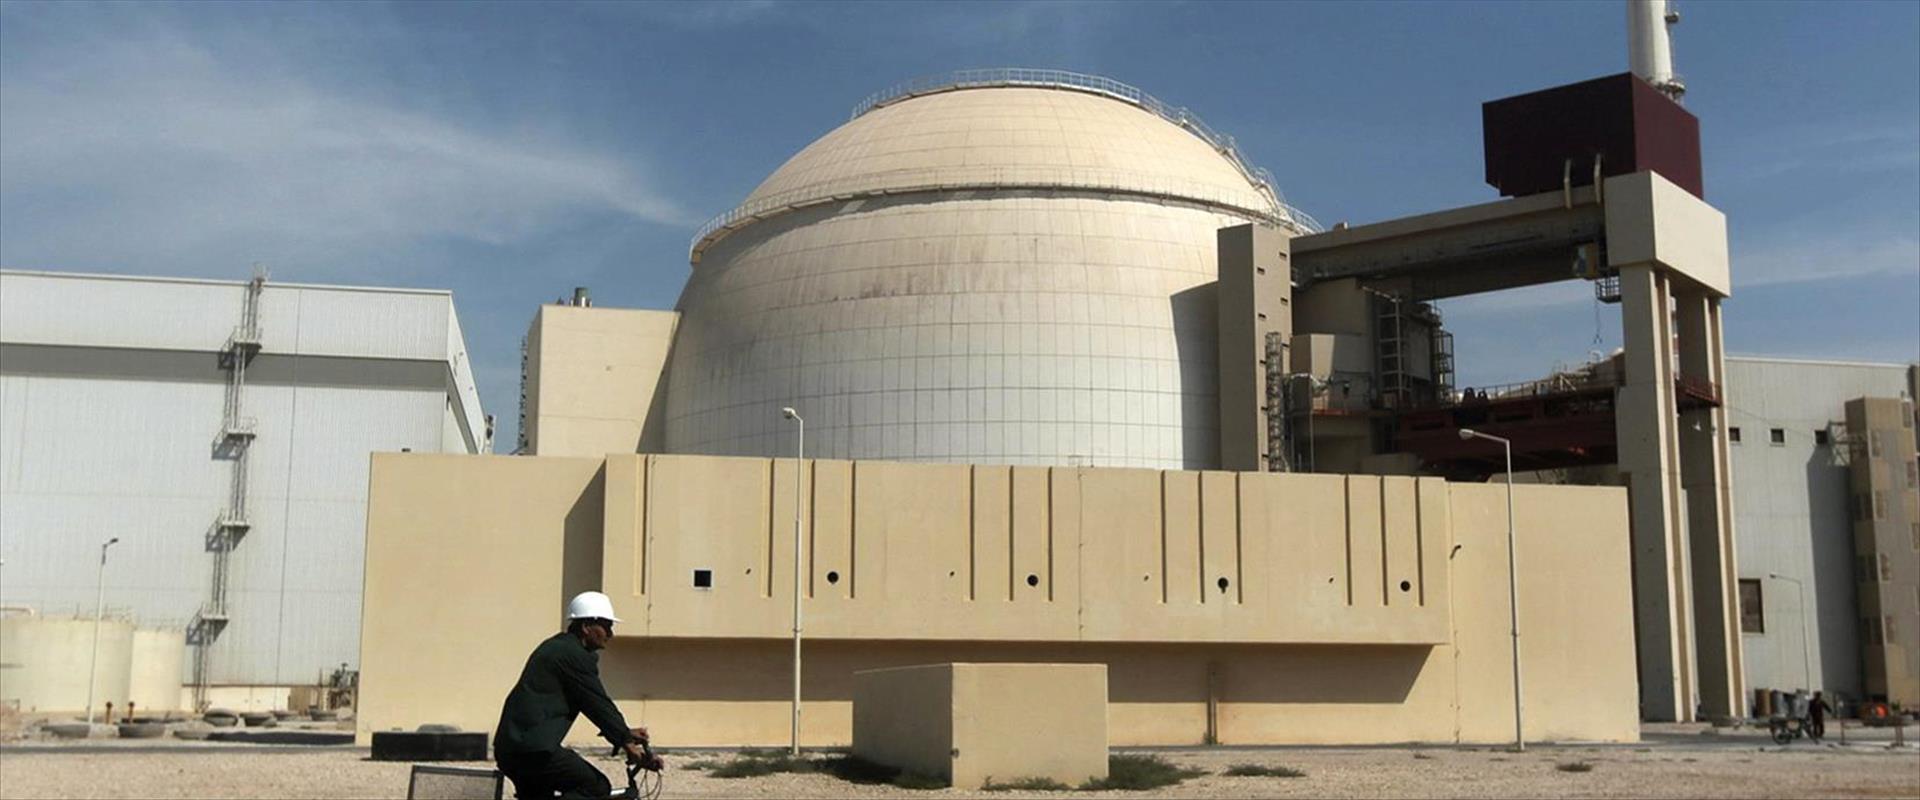 הכור הגרעיני בבושהר, ארכיון